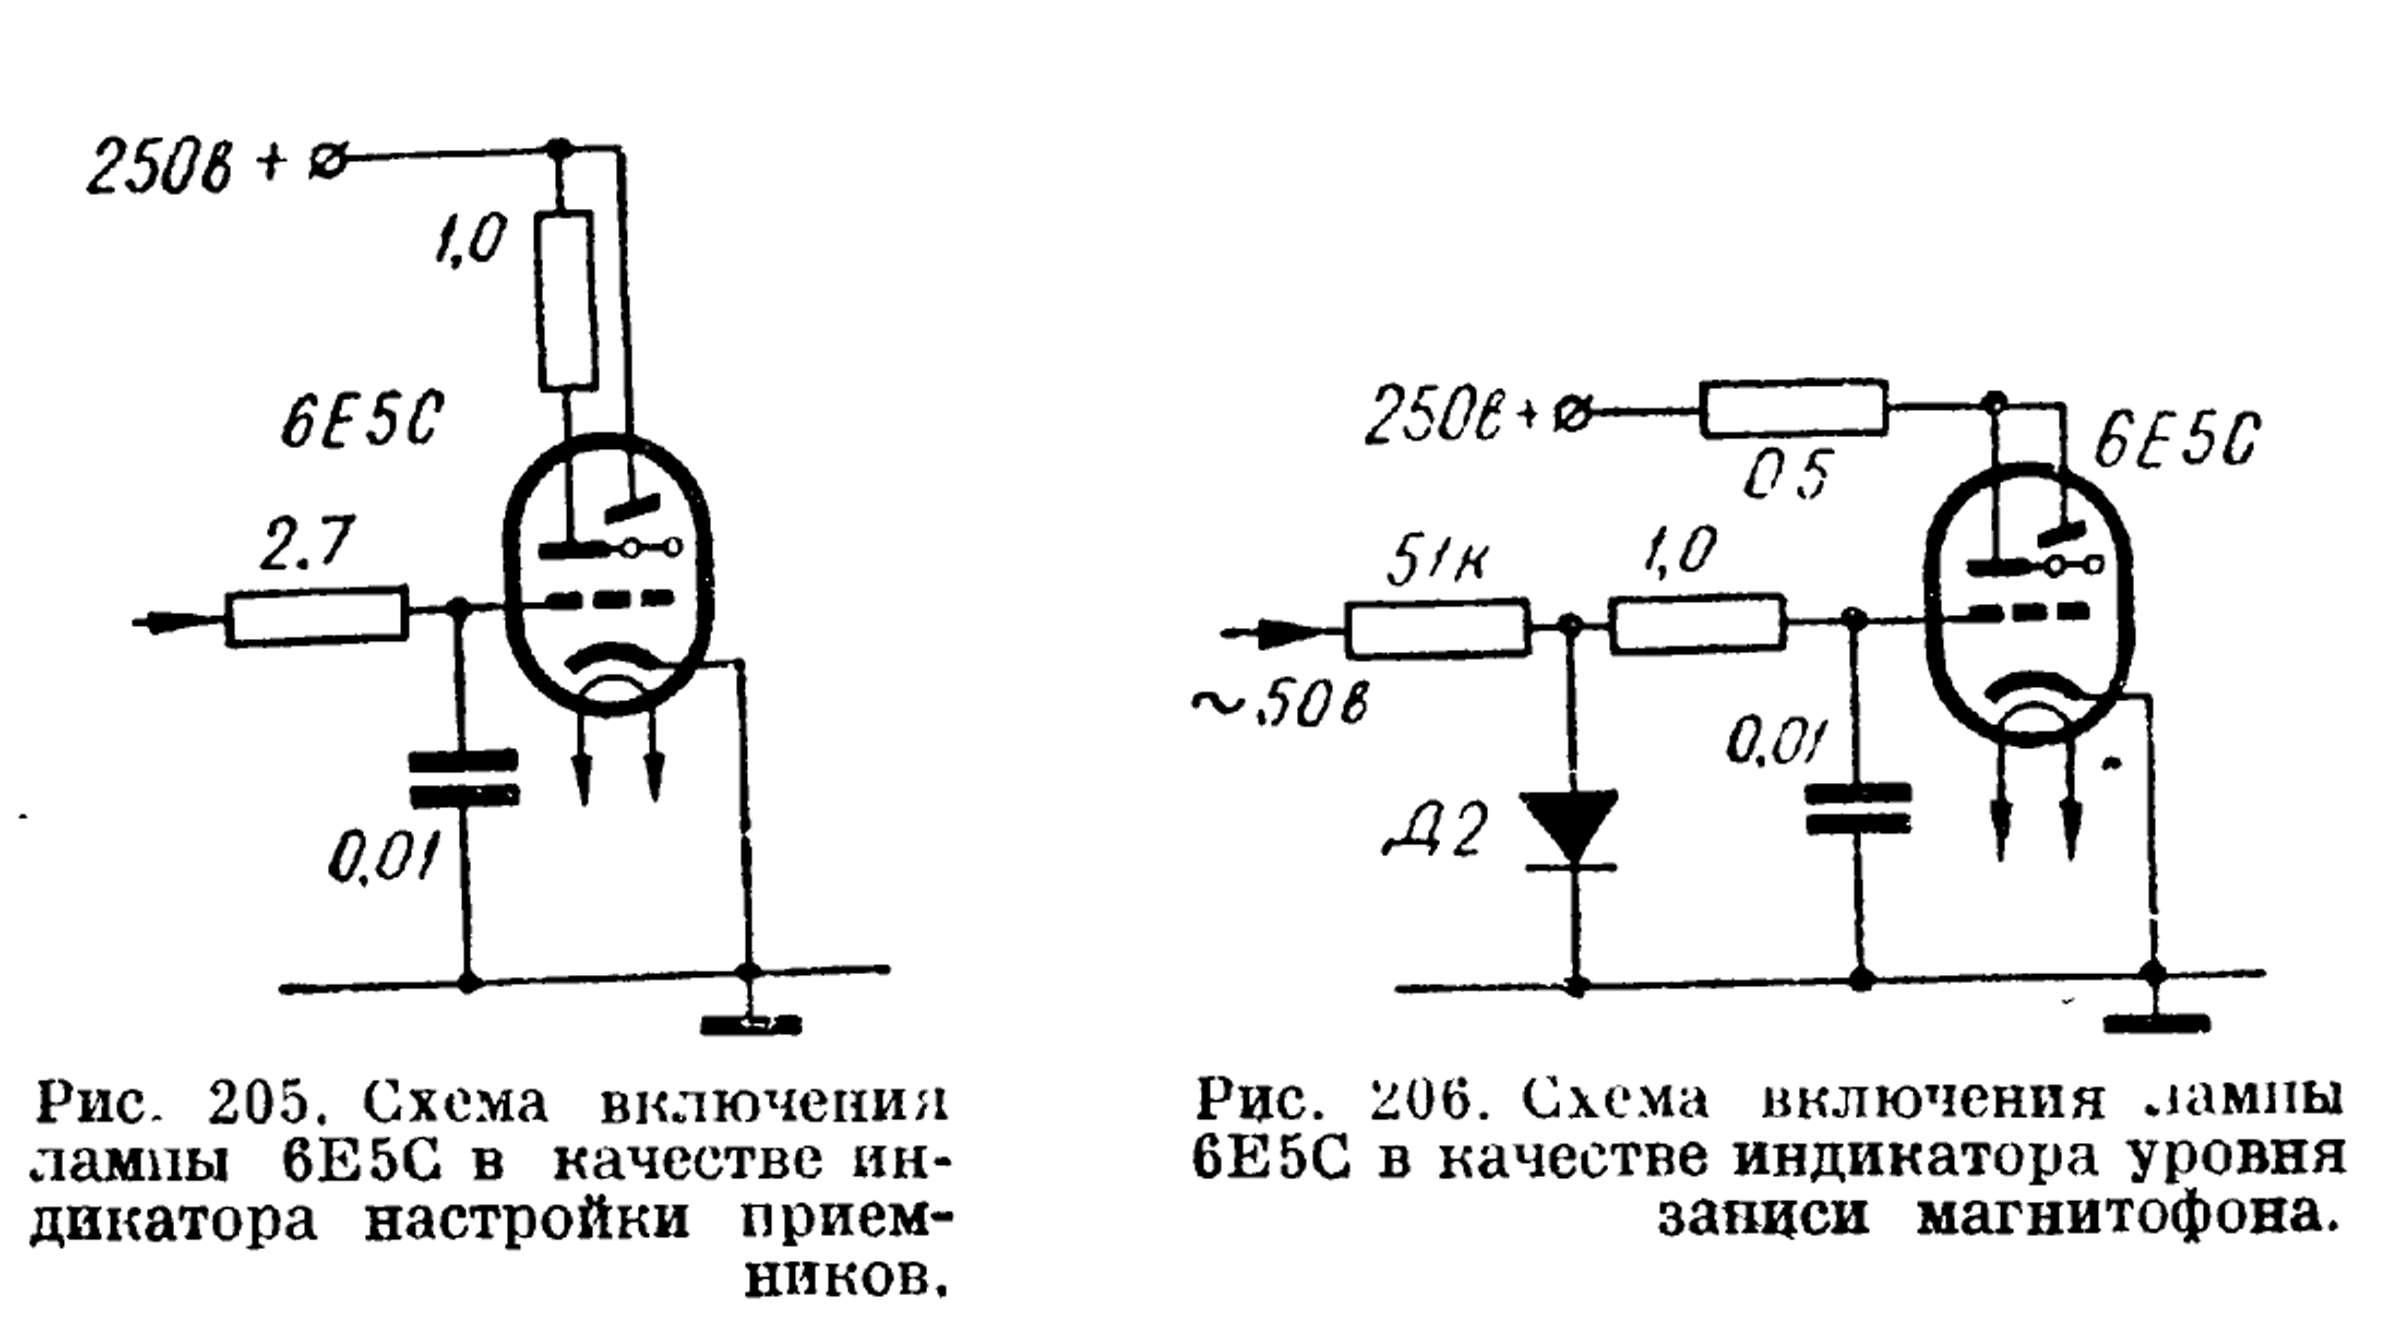 Параметры радиолампы 6Е5С